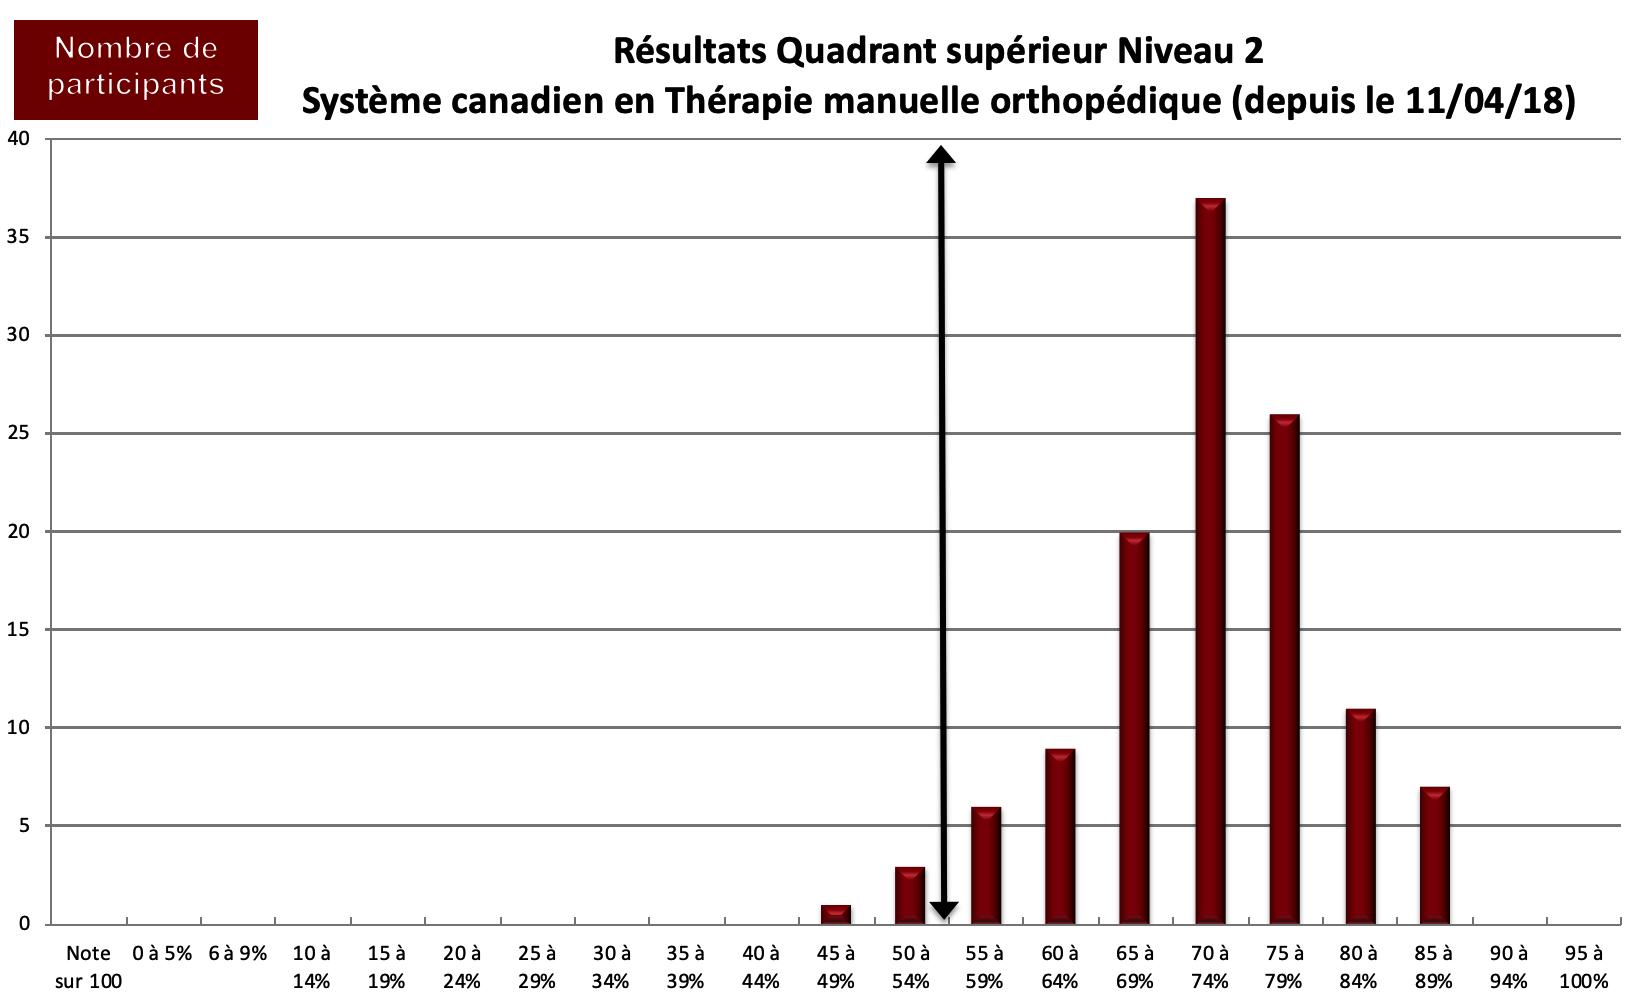 Système canadien en TMO : Niveau II : Quadrant supérieur